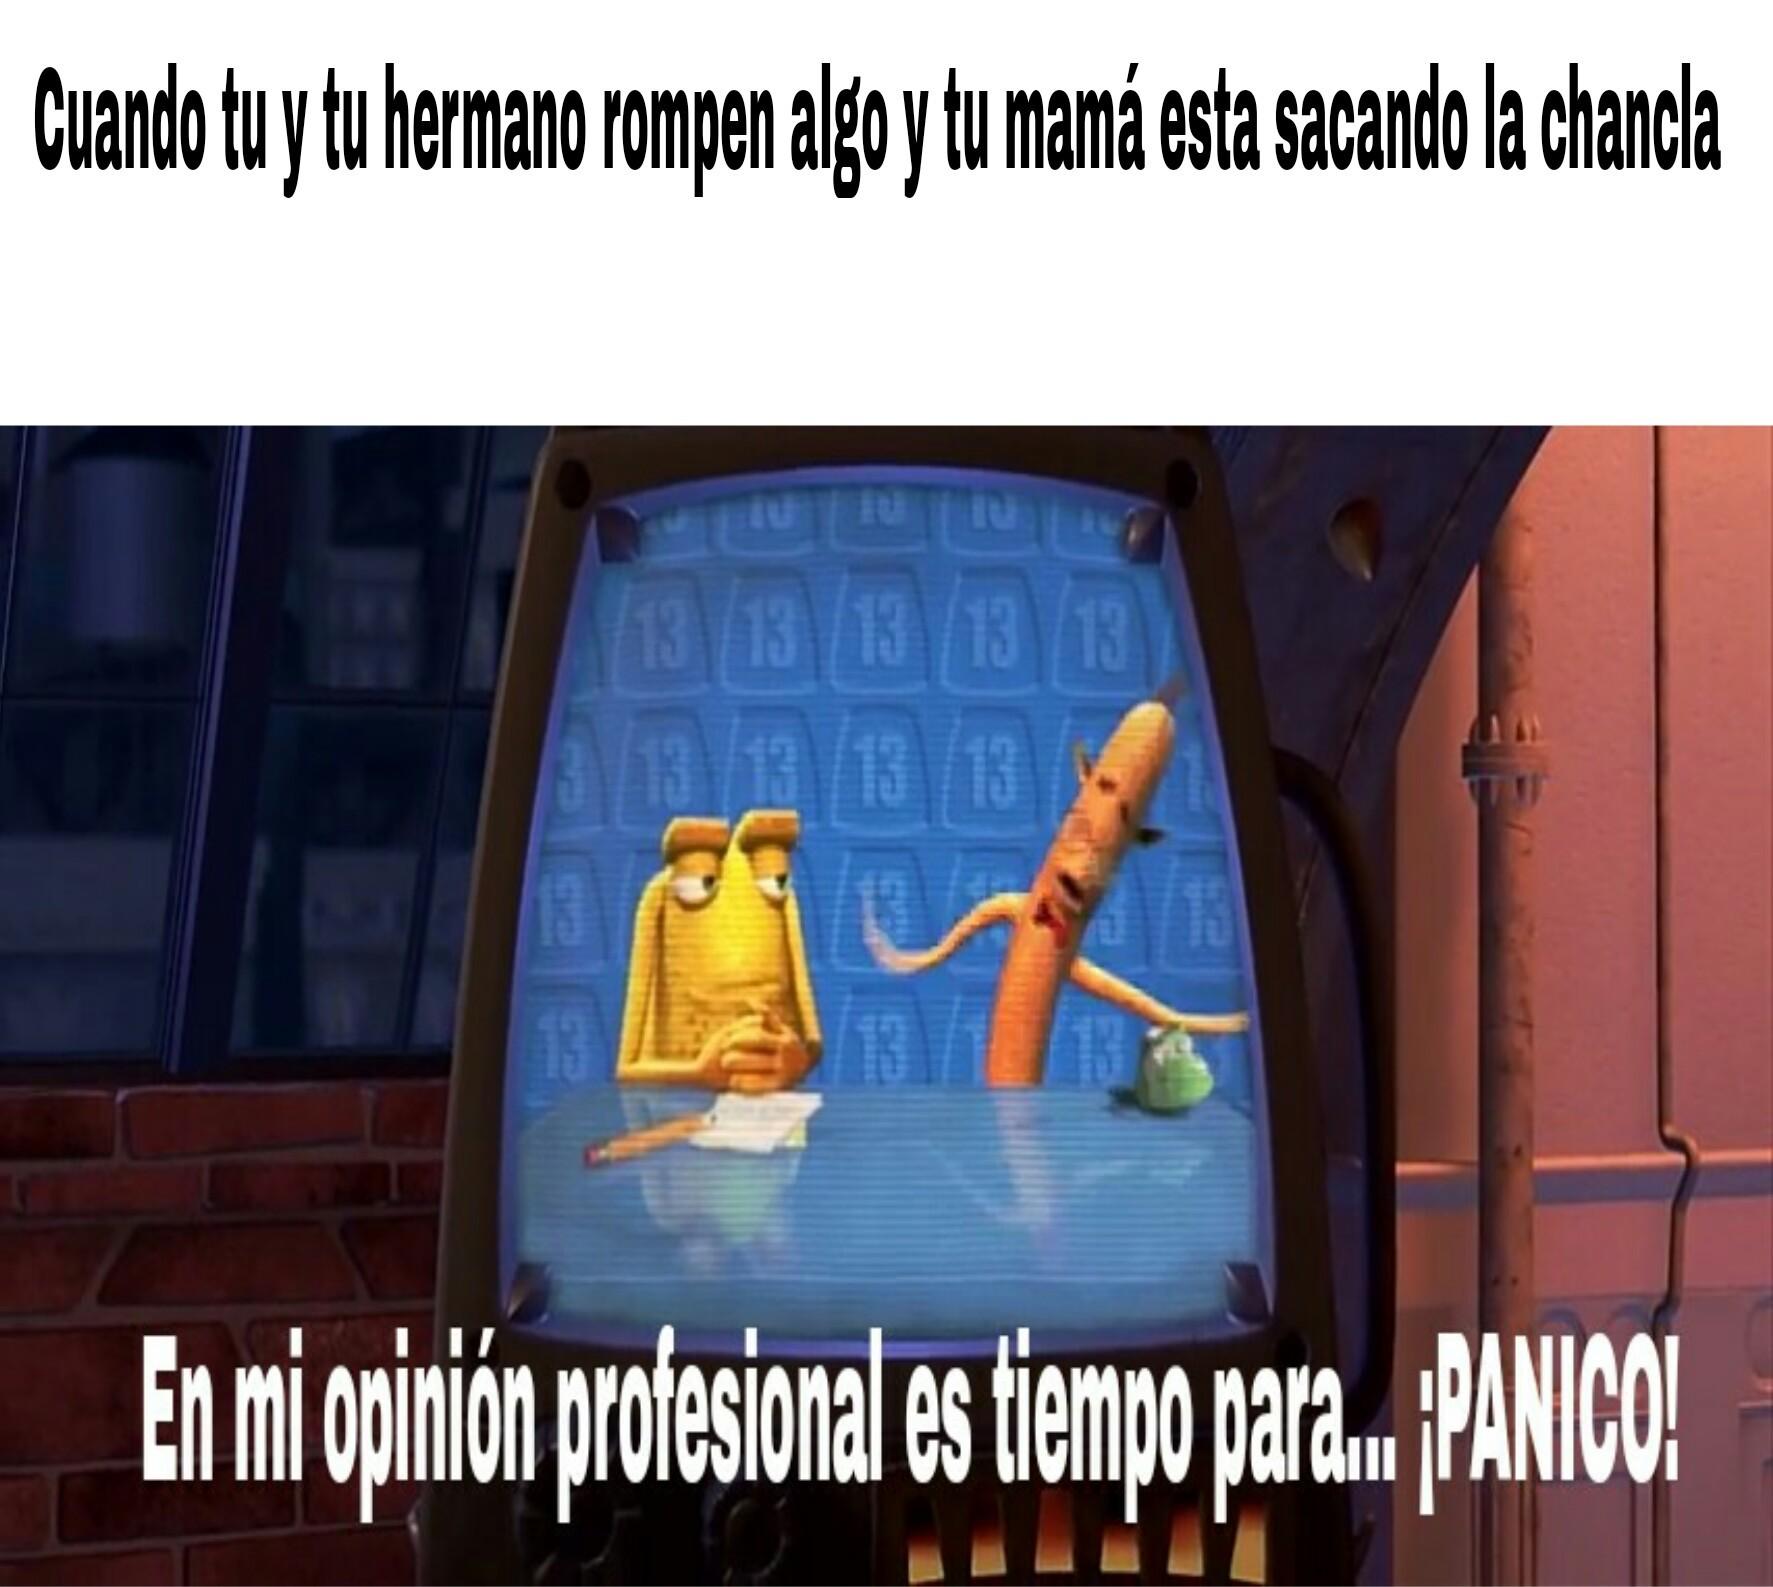 PANICO! - meme